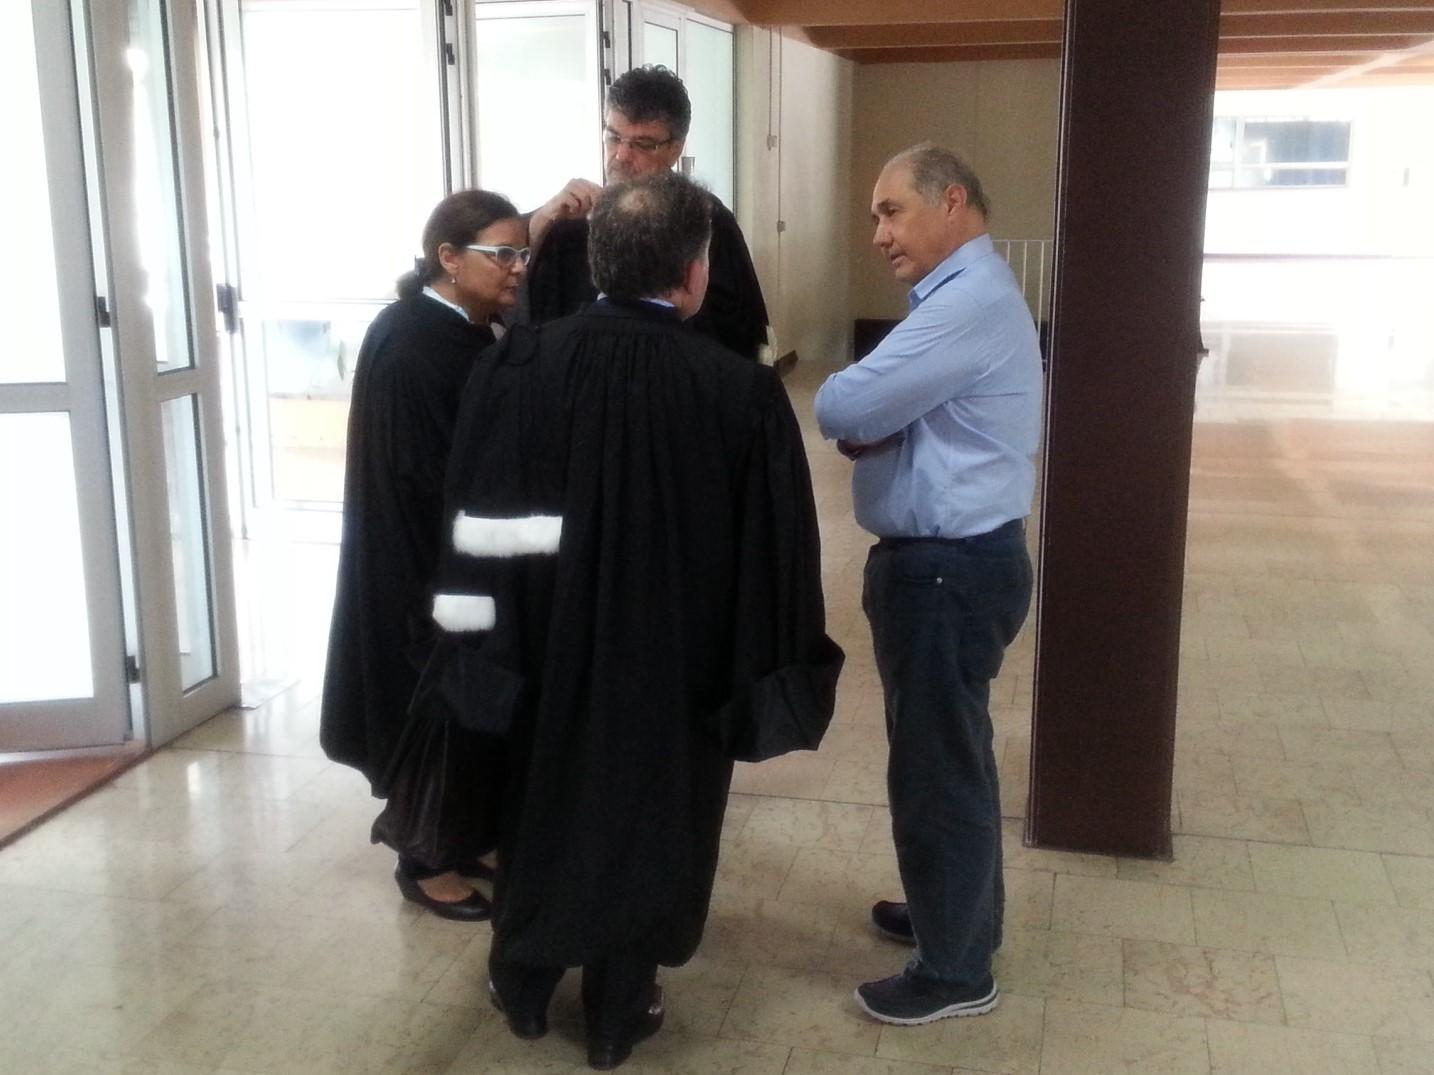 Mis en examen lundi soir, Hubert Haddad a été confronté ce mercredi à l'ancien directeur de la SEP Karl Meuel et à son ex-bras droit Michel Yonker, dans le bureau du juge Mayer.